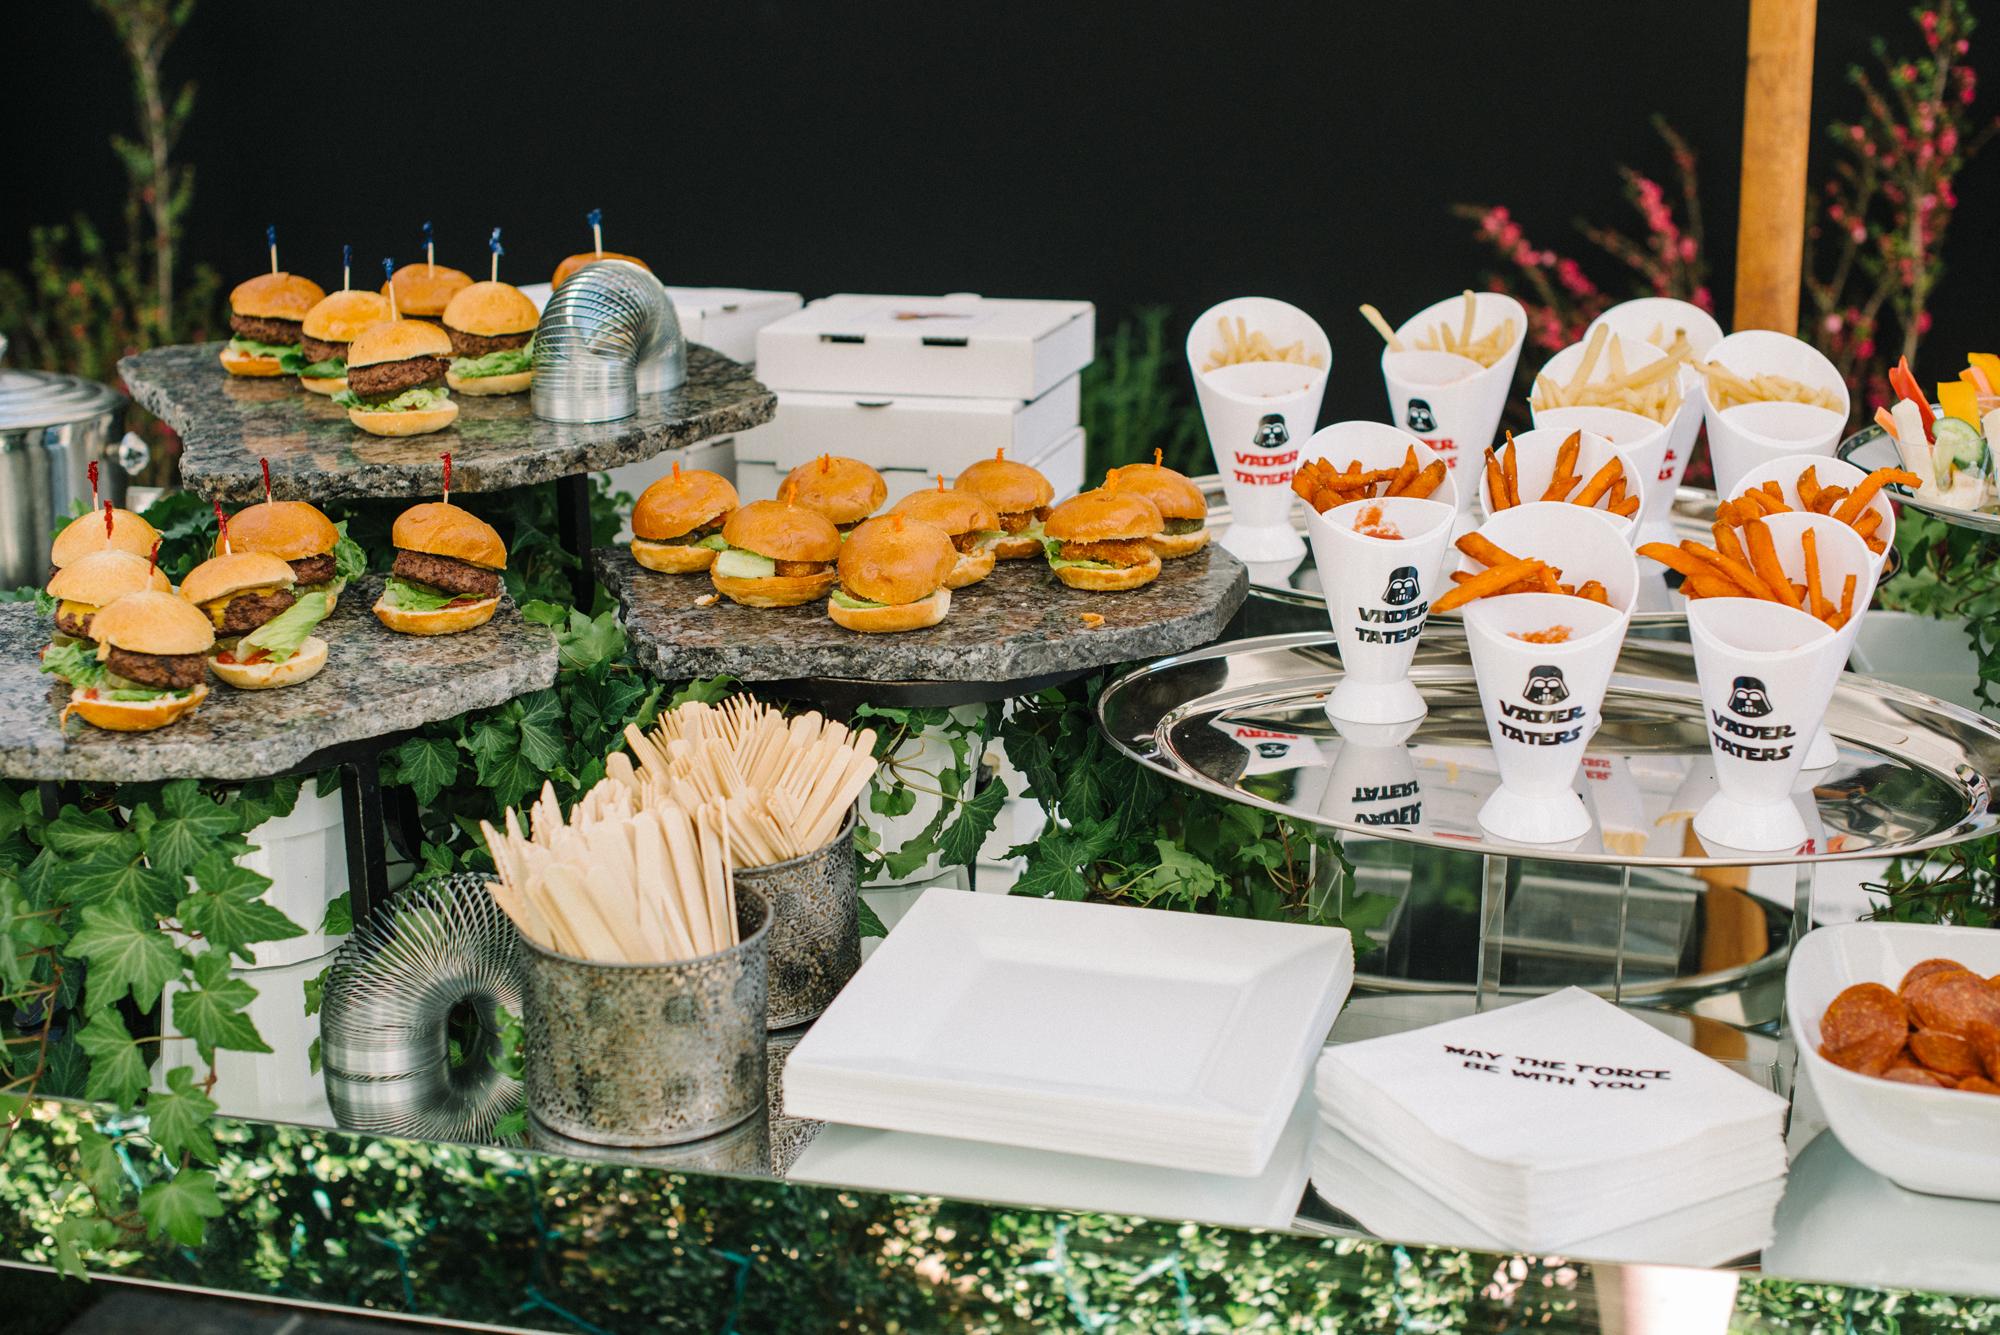 tarynco-events-starwars-kids-birthday-party-food-forkids.jpg